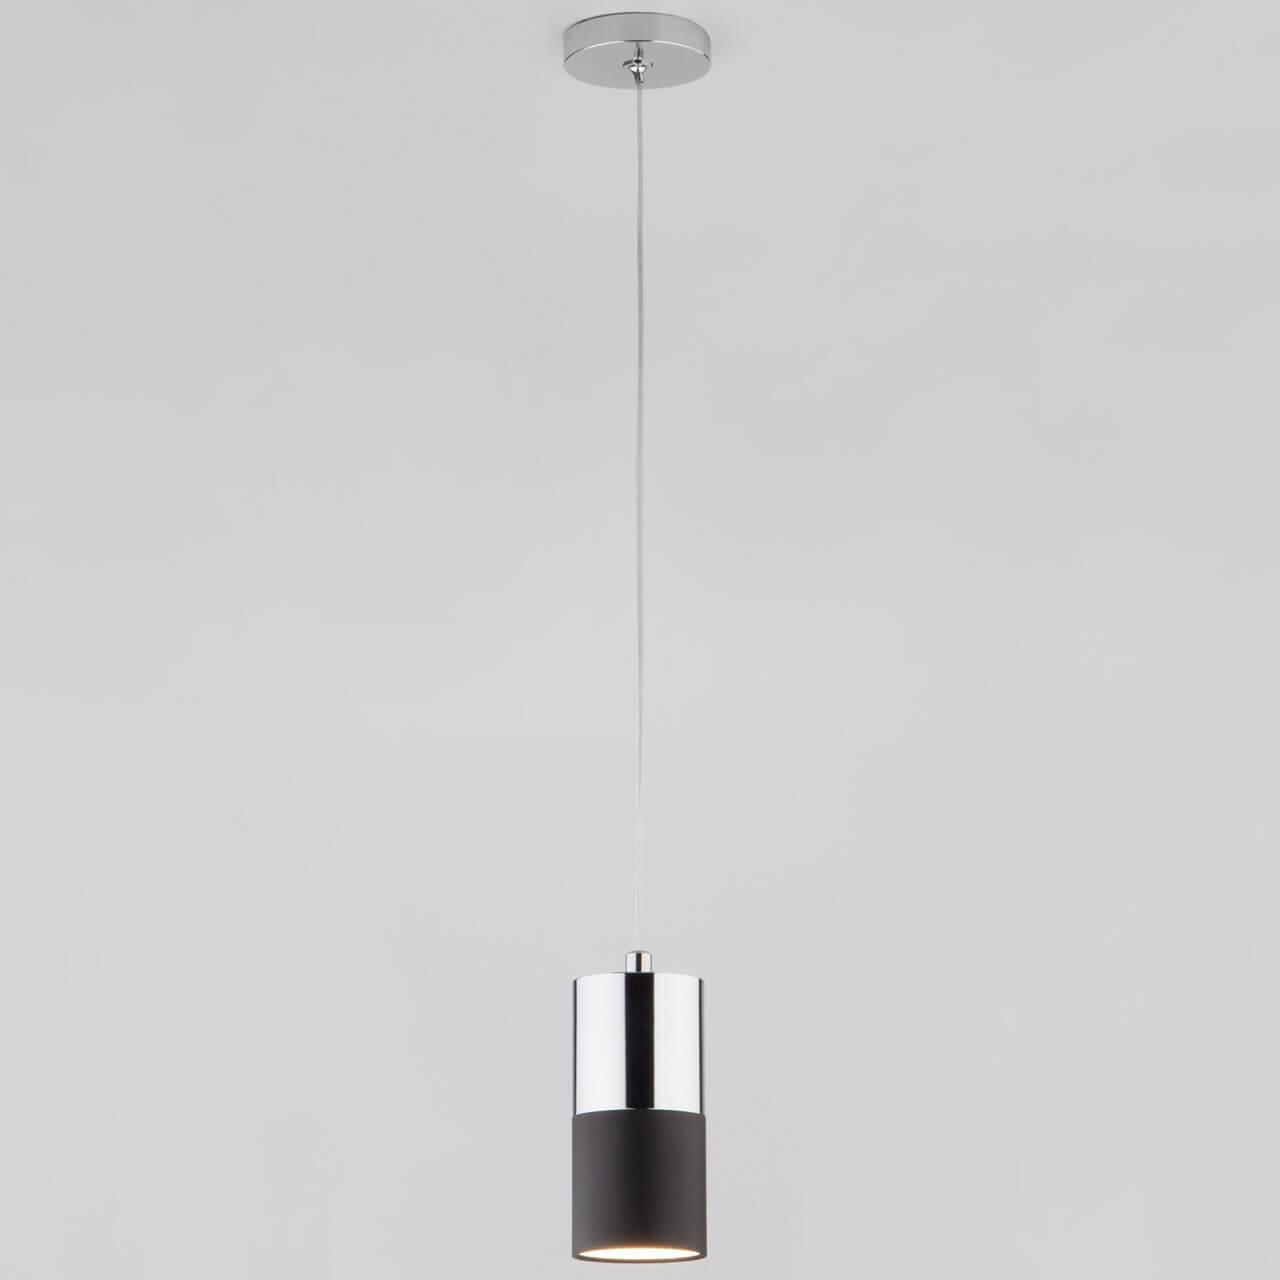 Светильник Eurosvet 50146/1 хром/черный Mini Topper